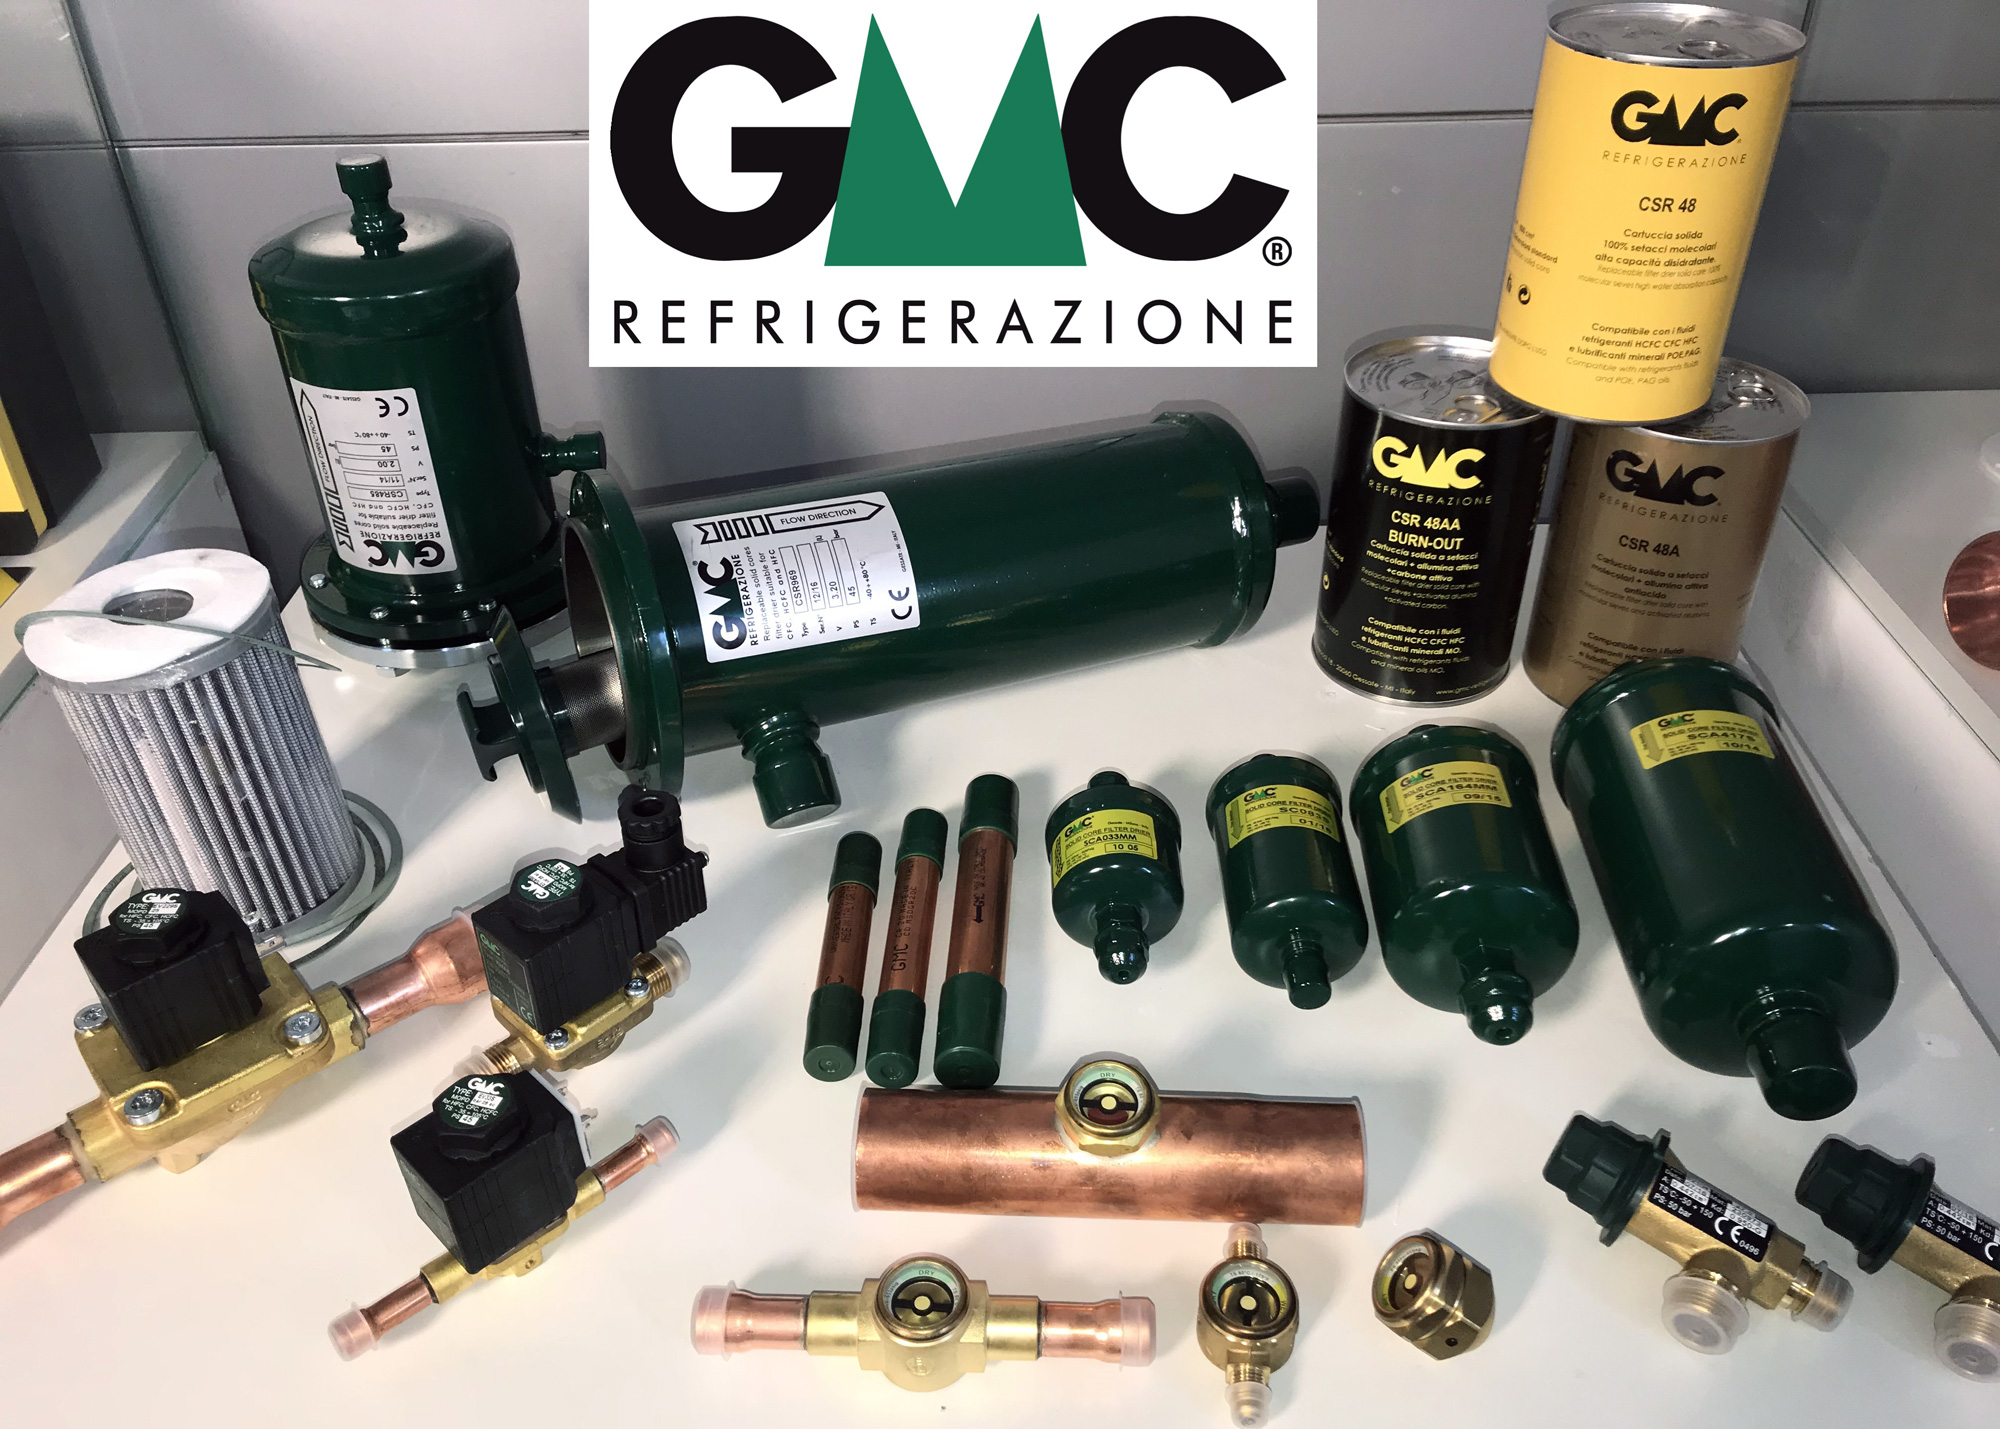 Refrigeración GMC